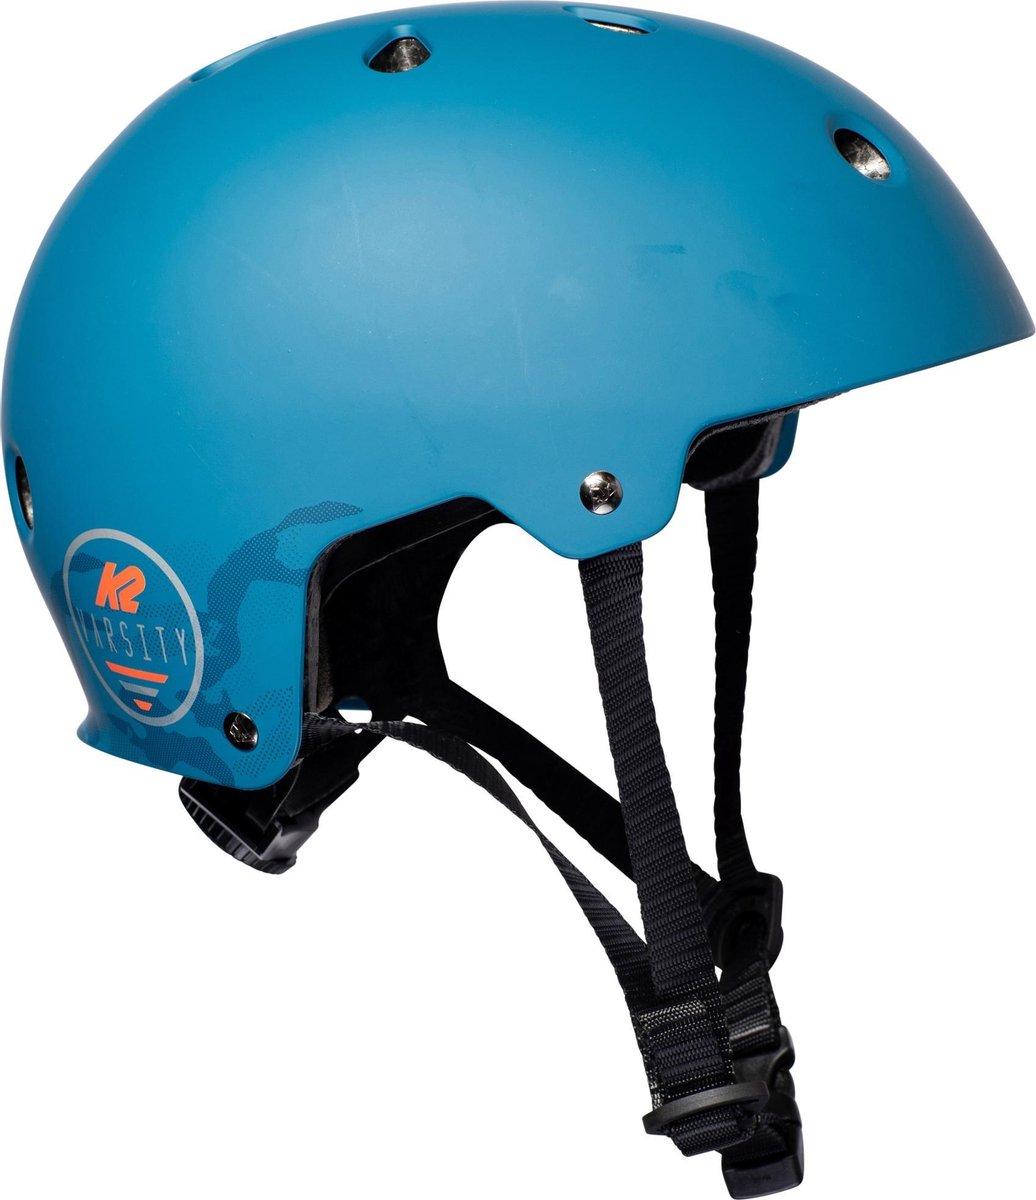 K2 Varsity Sporthelm - UnisexKinderen en volwassenen - blauw